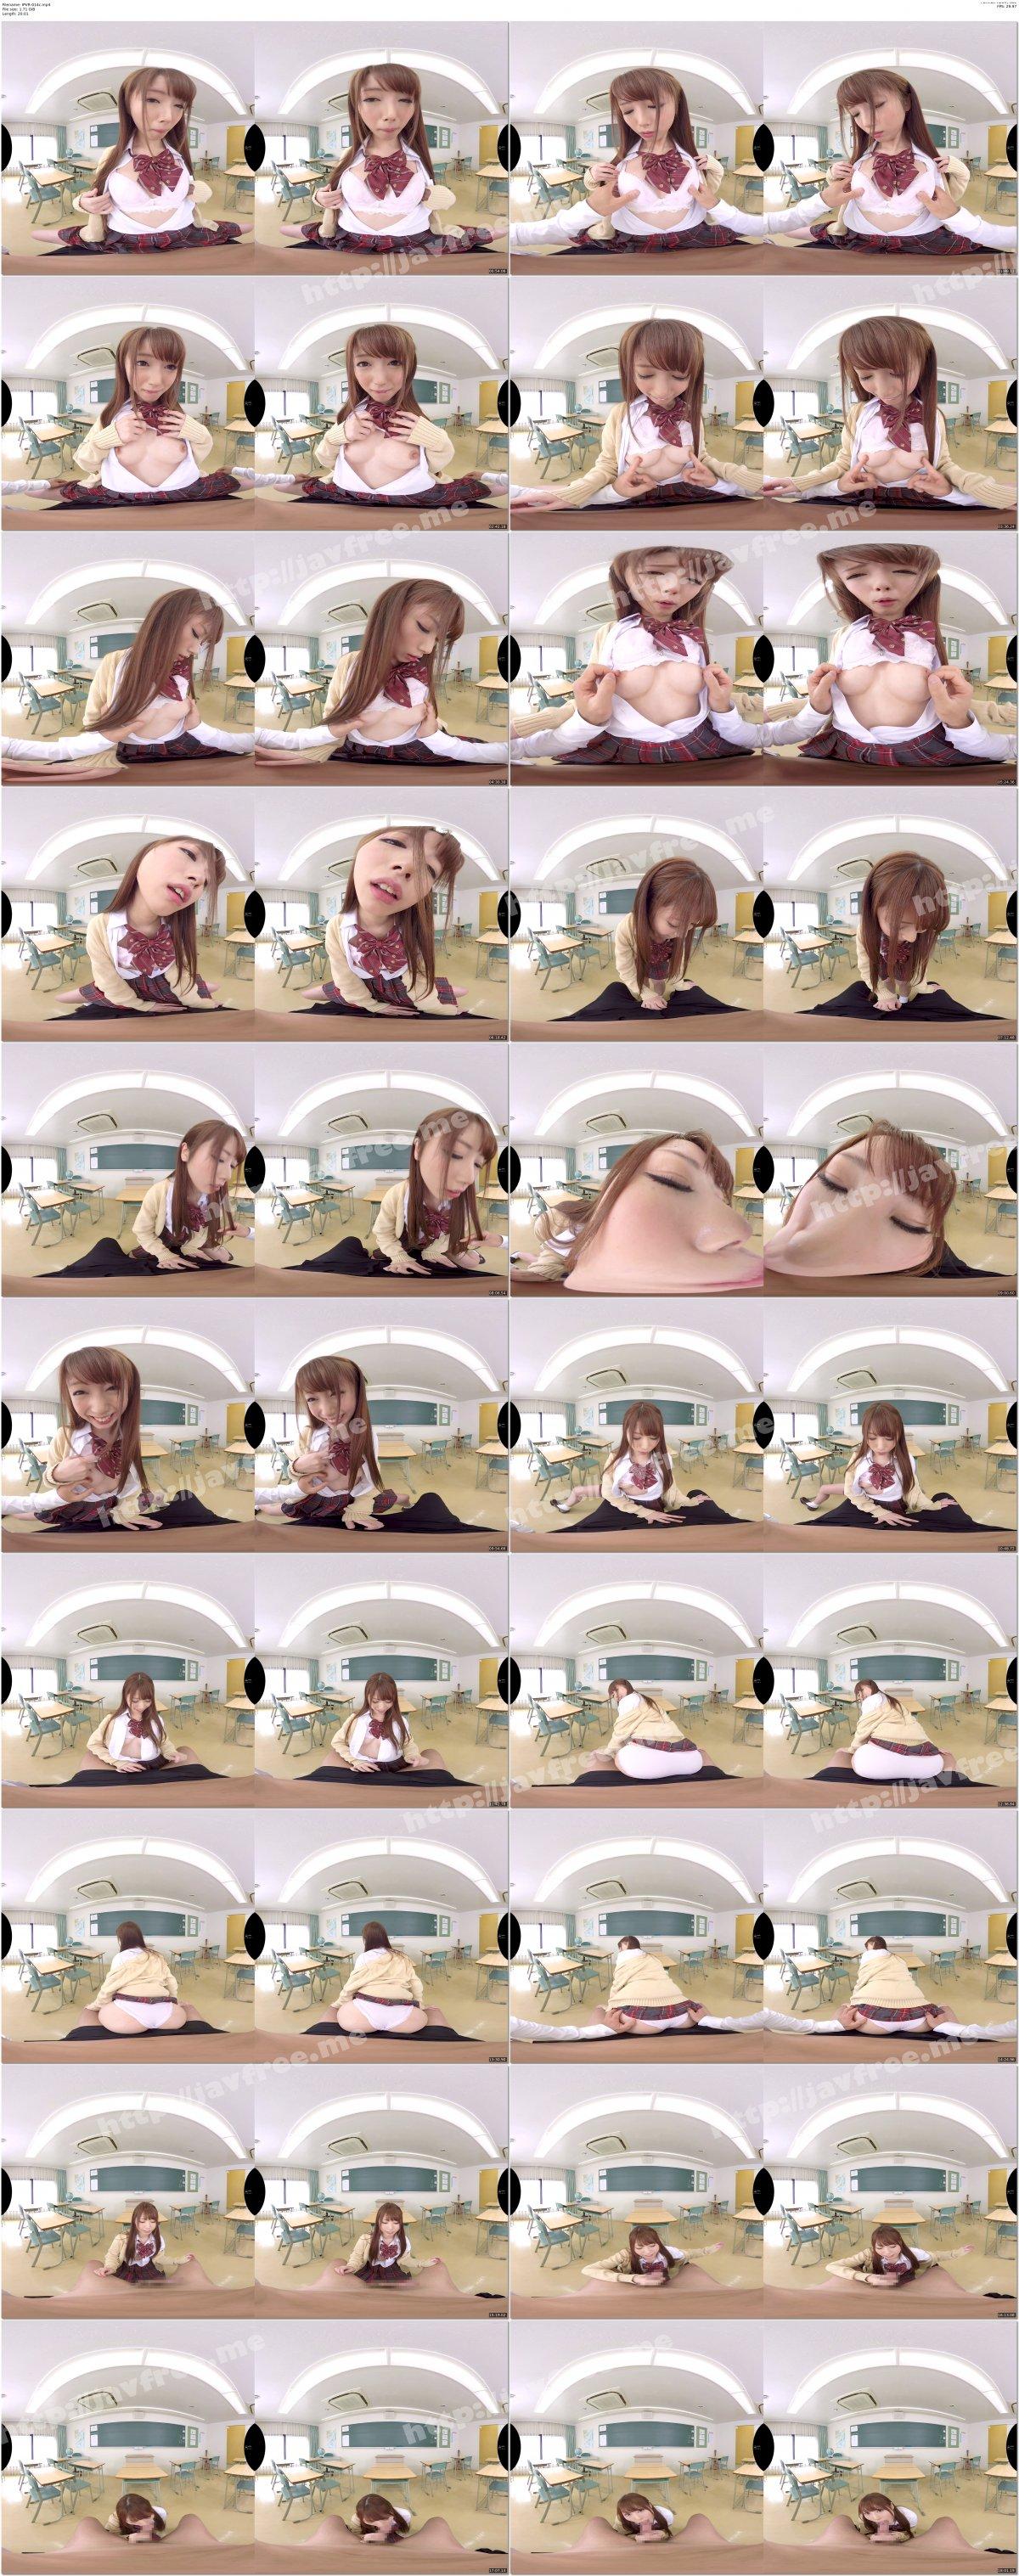 [IPVR-014] 【VR】浮気疑惑で激オコぷんぷんからの別れ話!だけど、やっぱりあなたのことが大好き…だから、仲直りの感情爆発キスしまくり一心不乱没入SEX 西宮ゆめ - image IPVR-014c on https://javfree.me